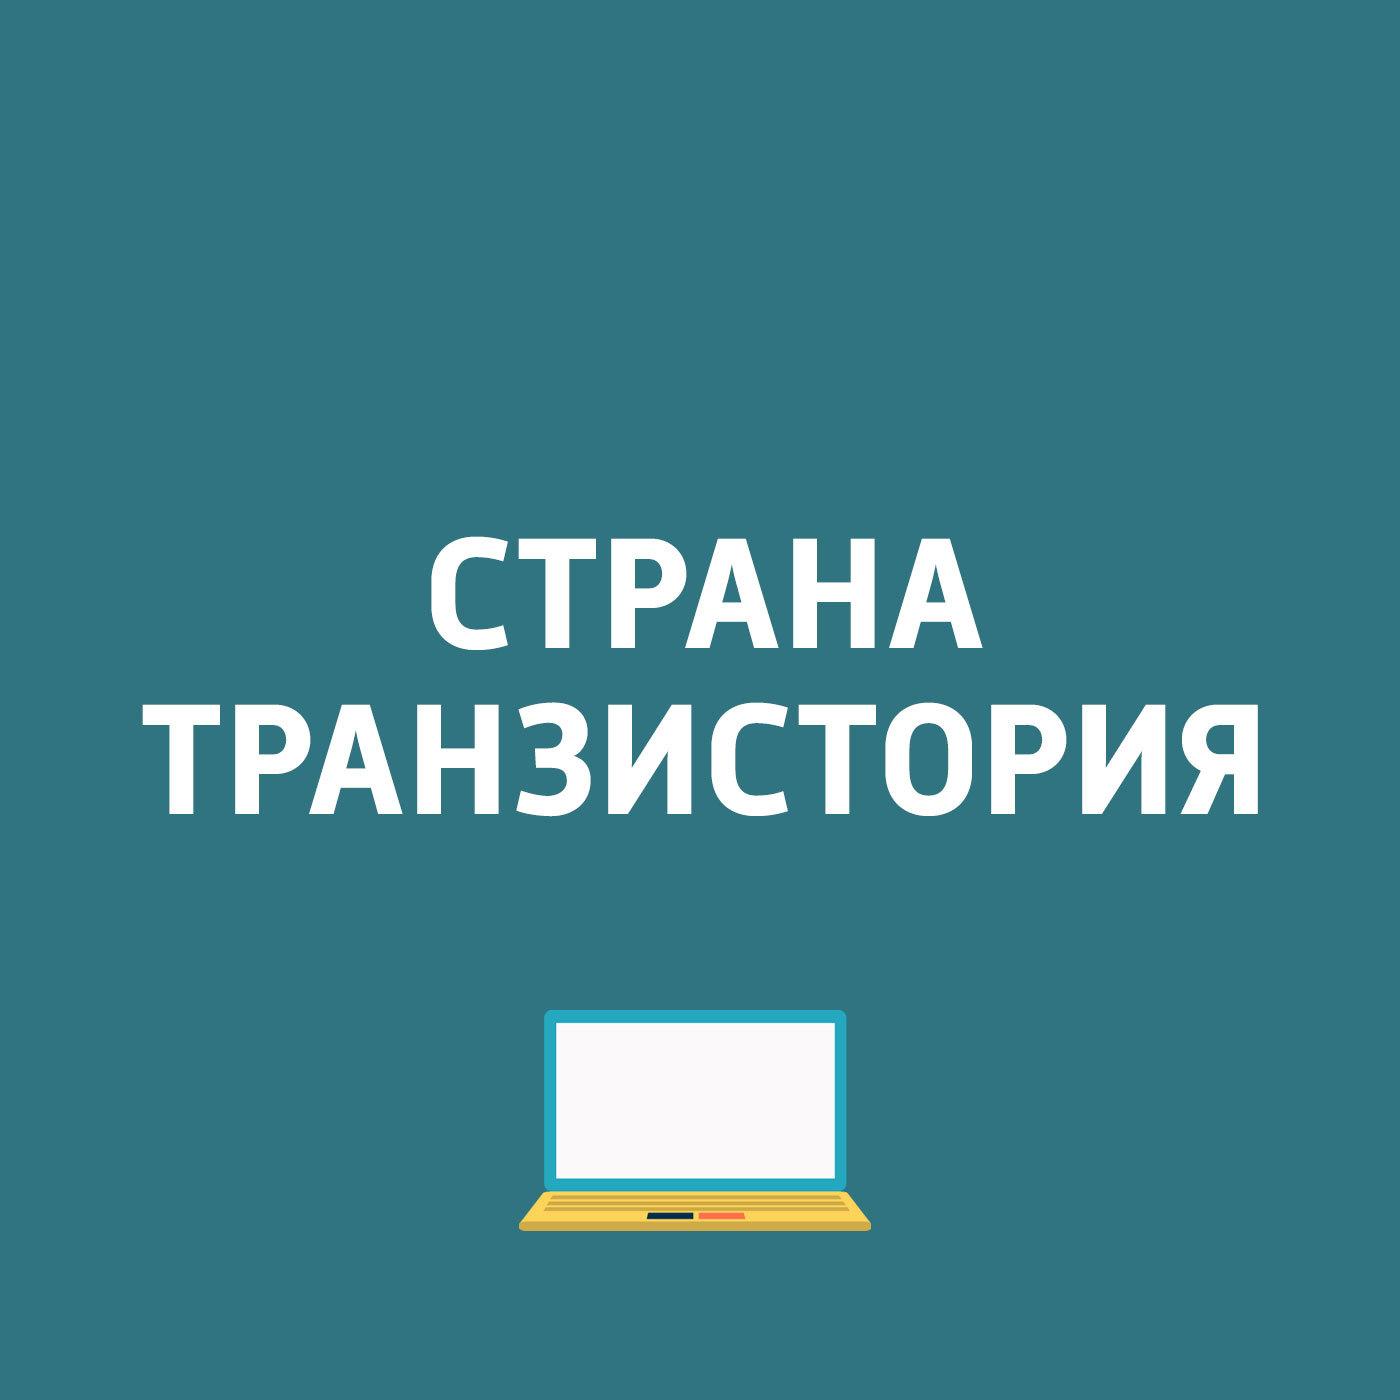 Картаев Павел «Одноклассники» и Пушкинский музей создали VR-проект.. картаев павел цены на электронику lenovo и motorola отель для геймеров